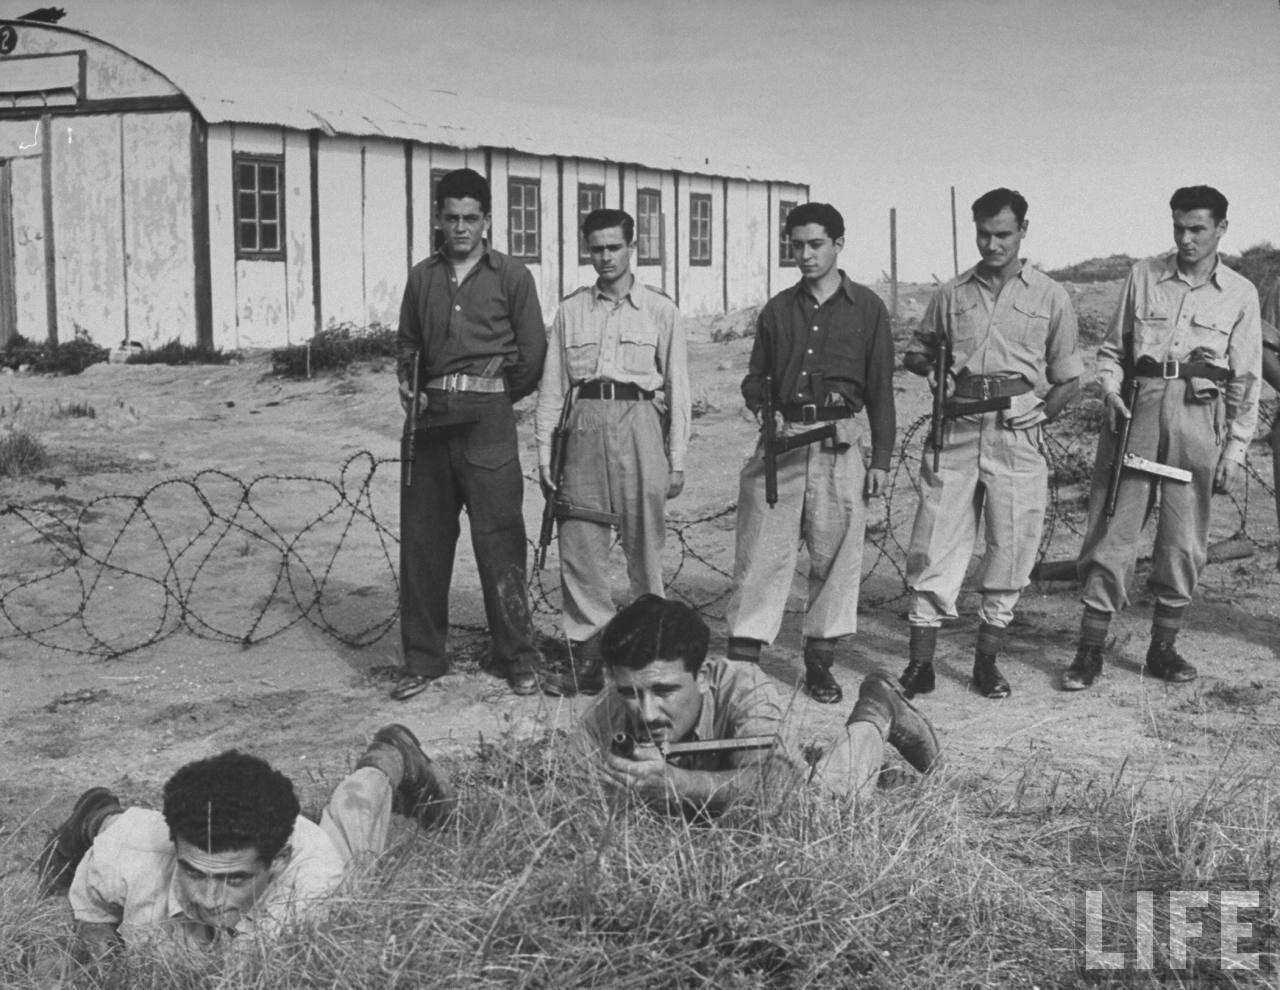 1948. На тайных сборах в горах новобранцы «Хаганы» проходят военную подготовку